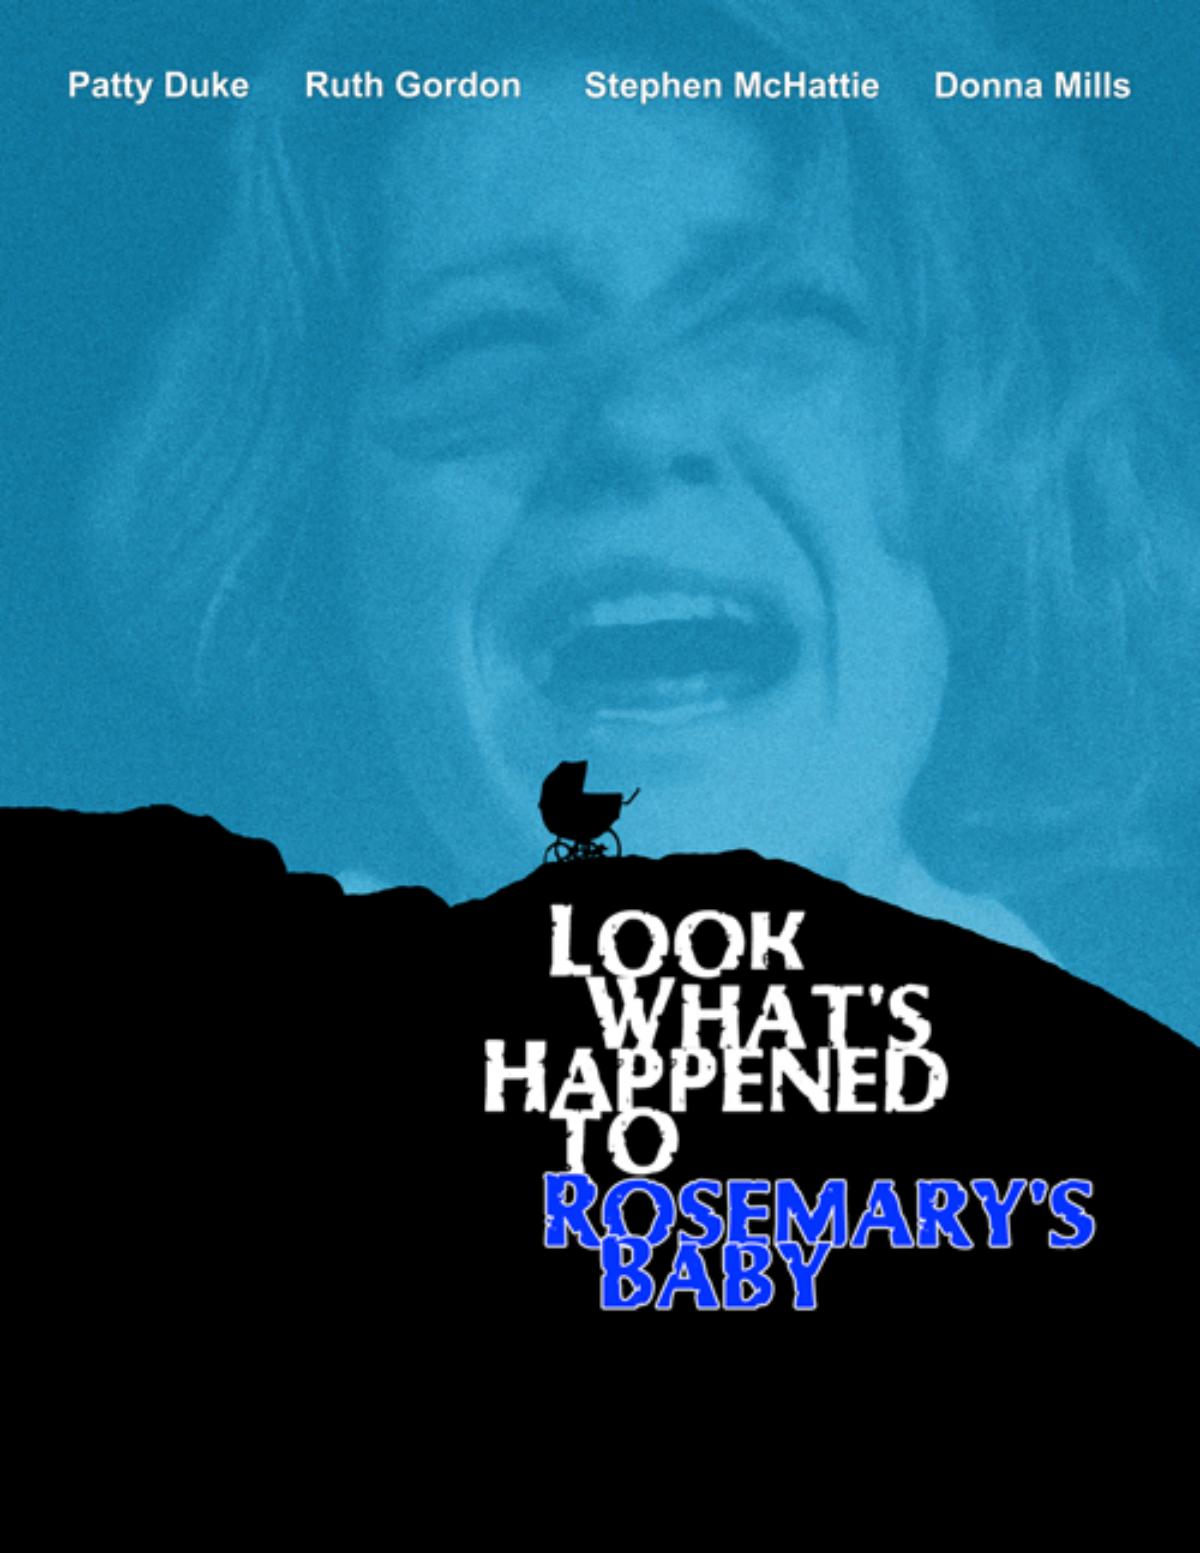 Qu'est-il arrivé au bébé de Rosemary ?